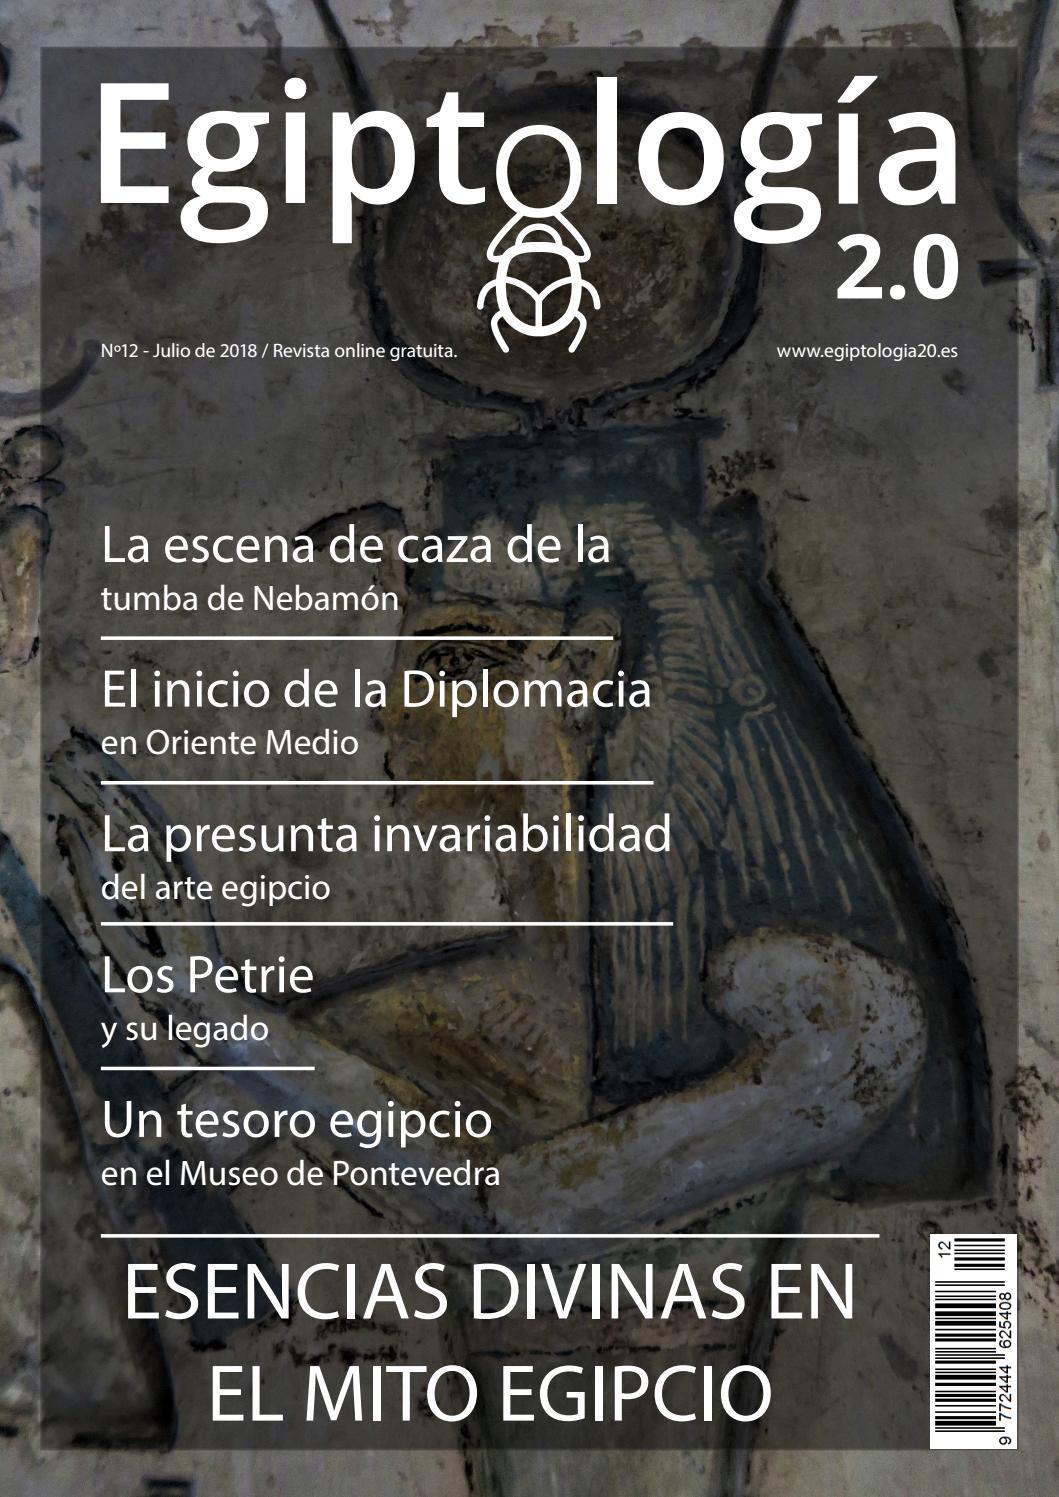 Egiptología 2 0 nº12 (julio 2018) by Egiptología 2.0 - issuu